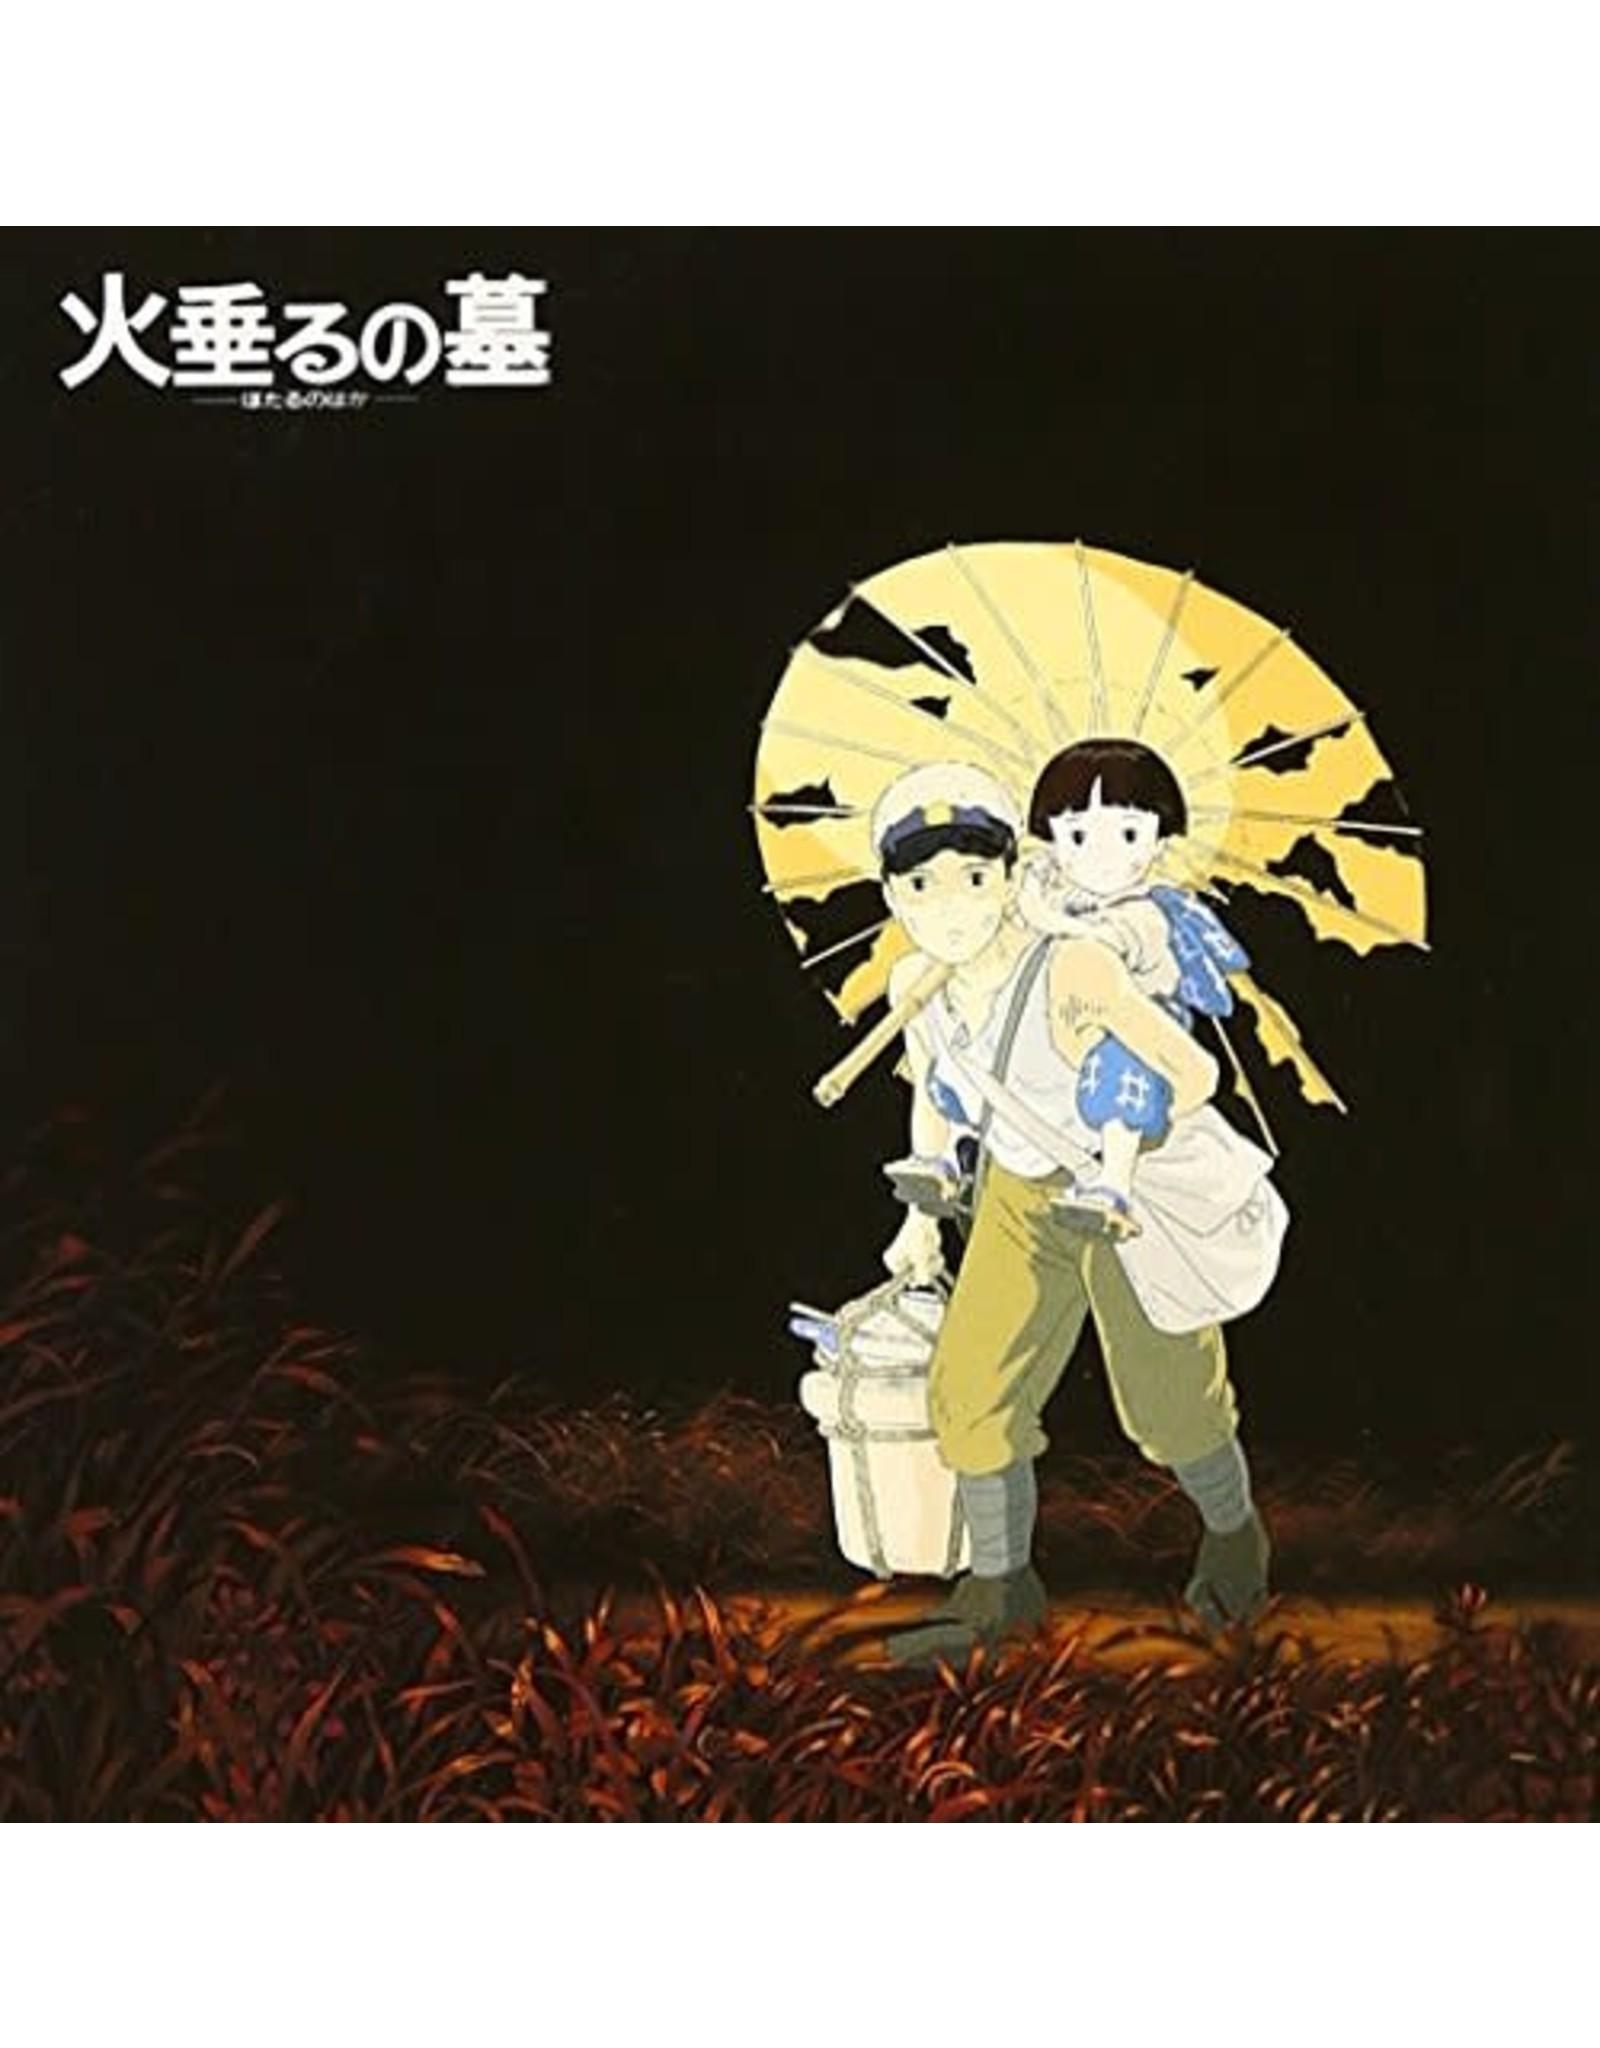 TOKUMA [CD]HOTARUNOHAKA IMAGEALUBUM*  -STUDIO GHIBLI-